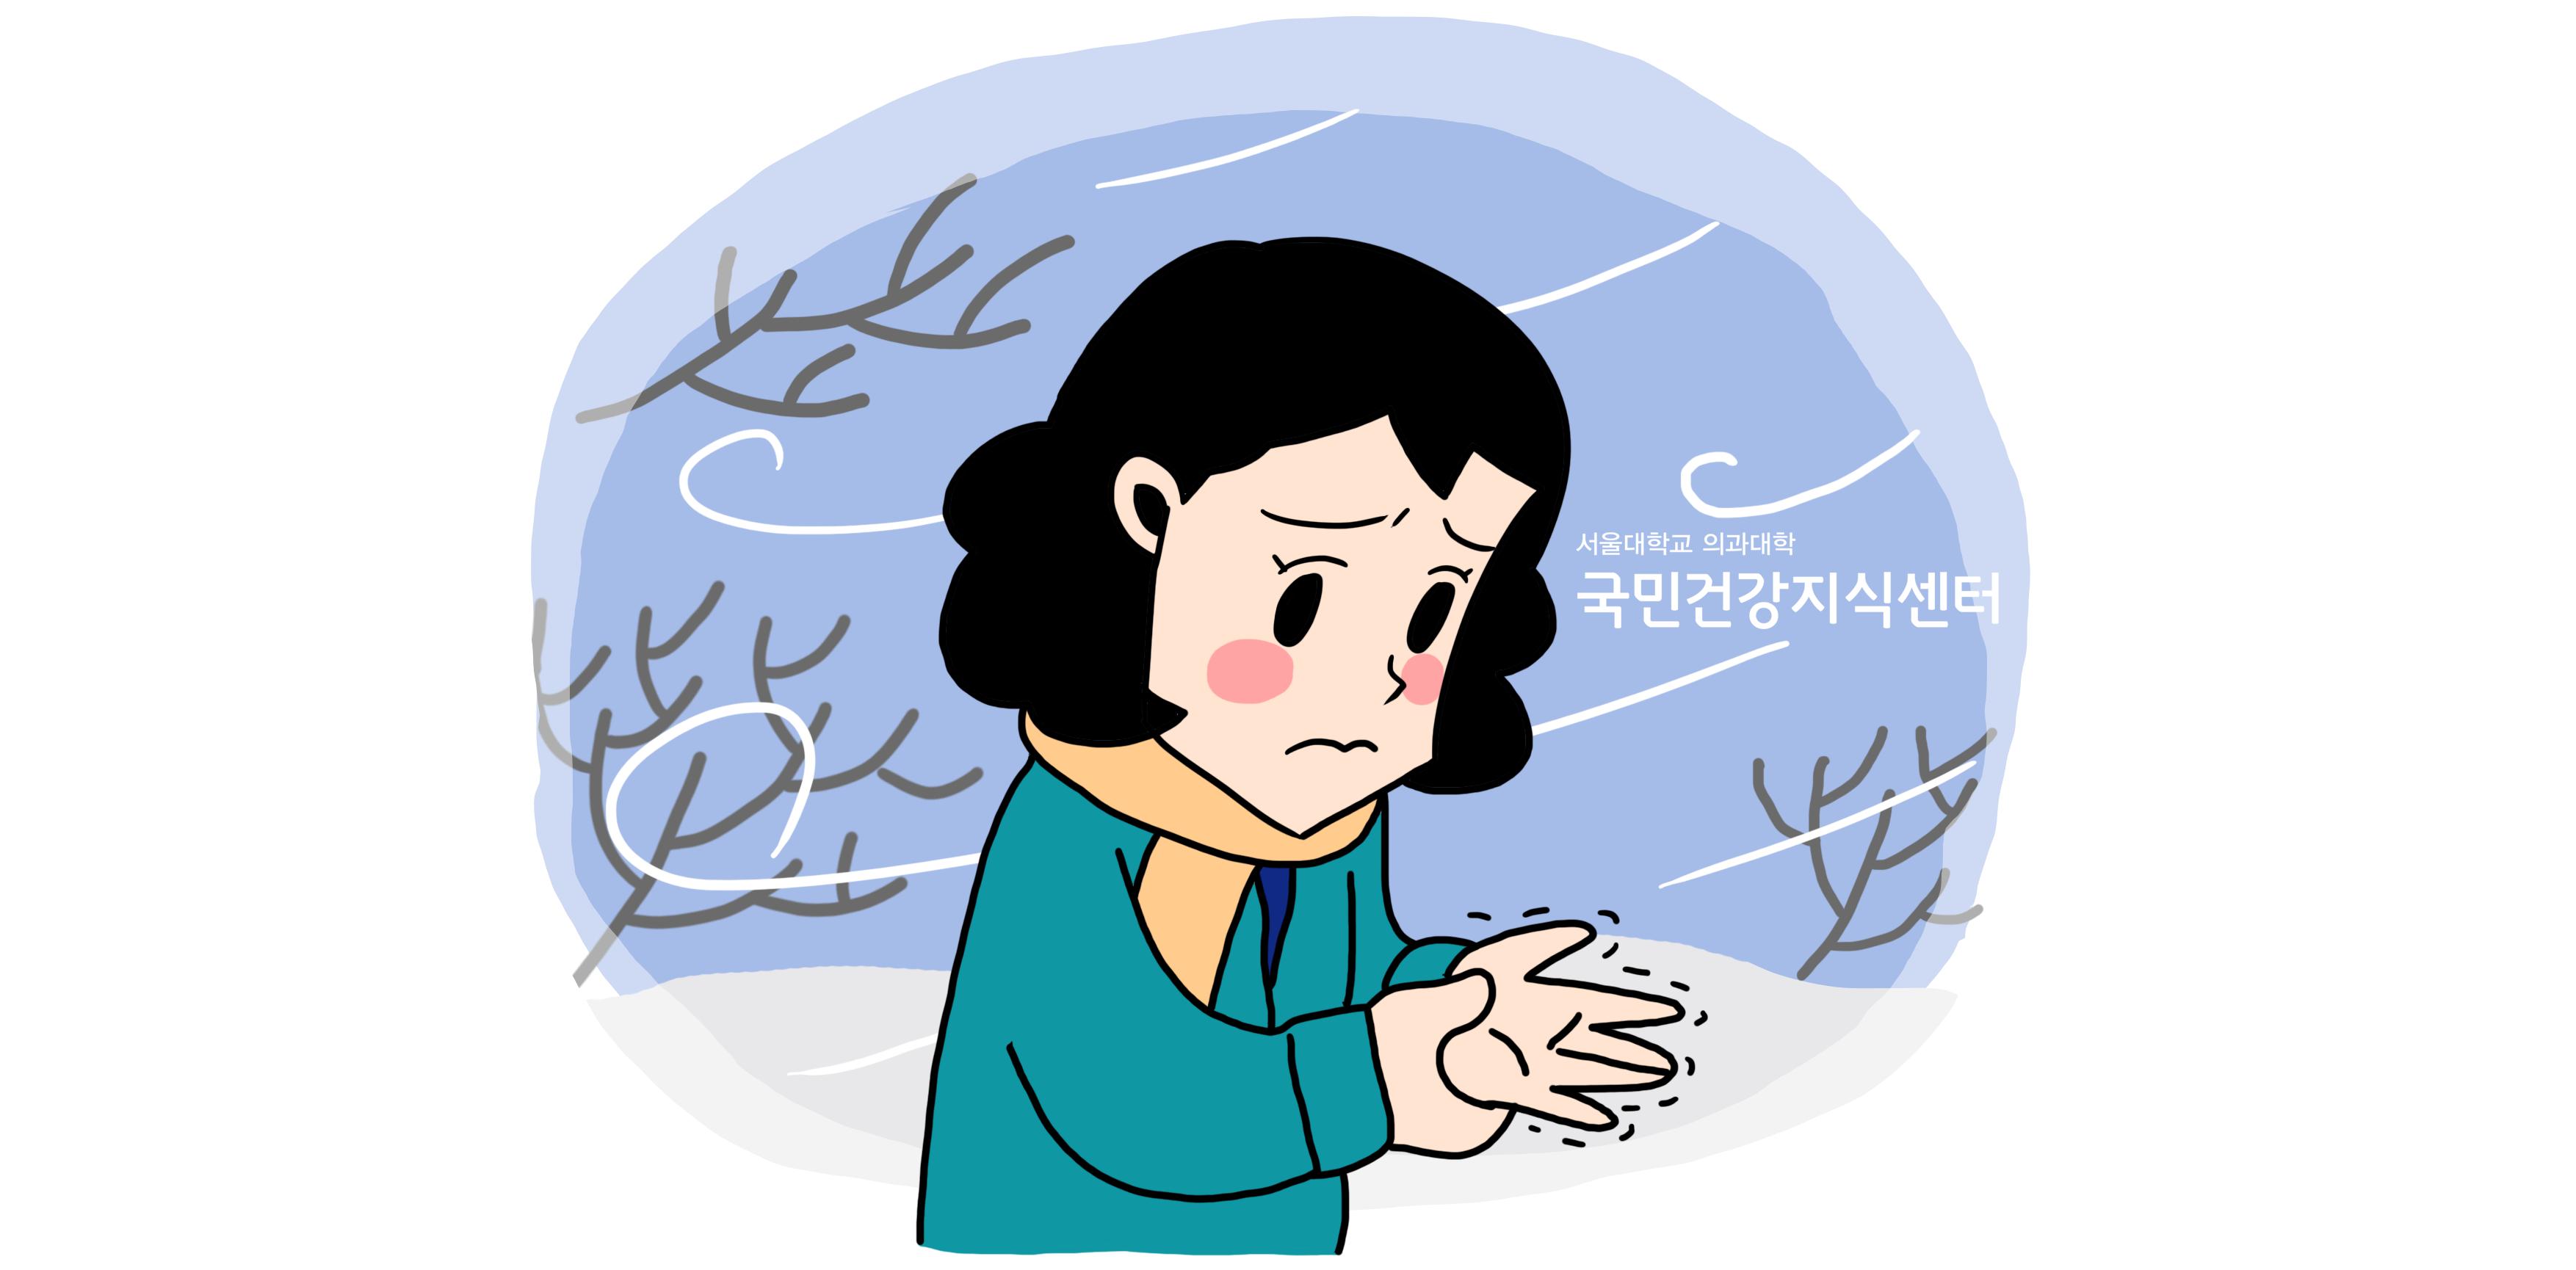 겨울 33_겨울철 찌릿찌릿한 손저림, 원인과 대처방안은